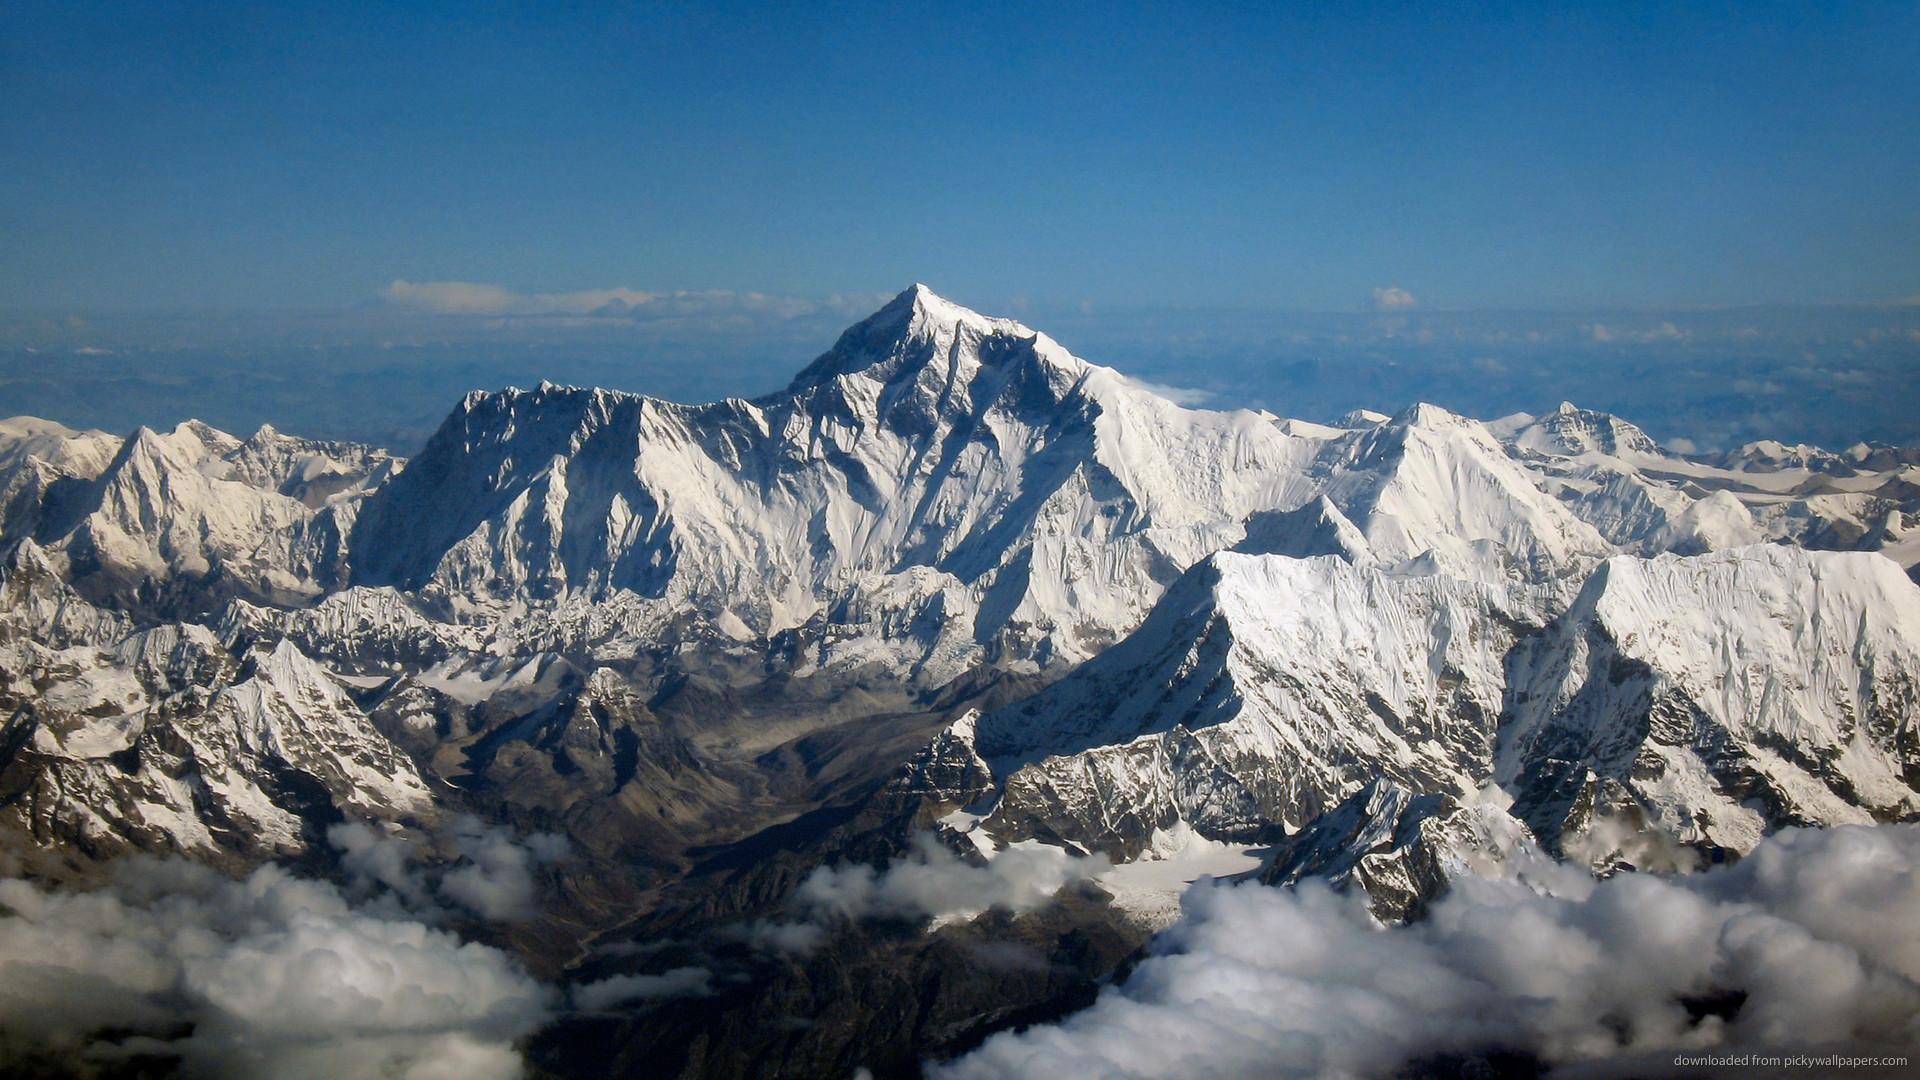 HD Mount Everest wallpaper